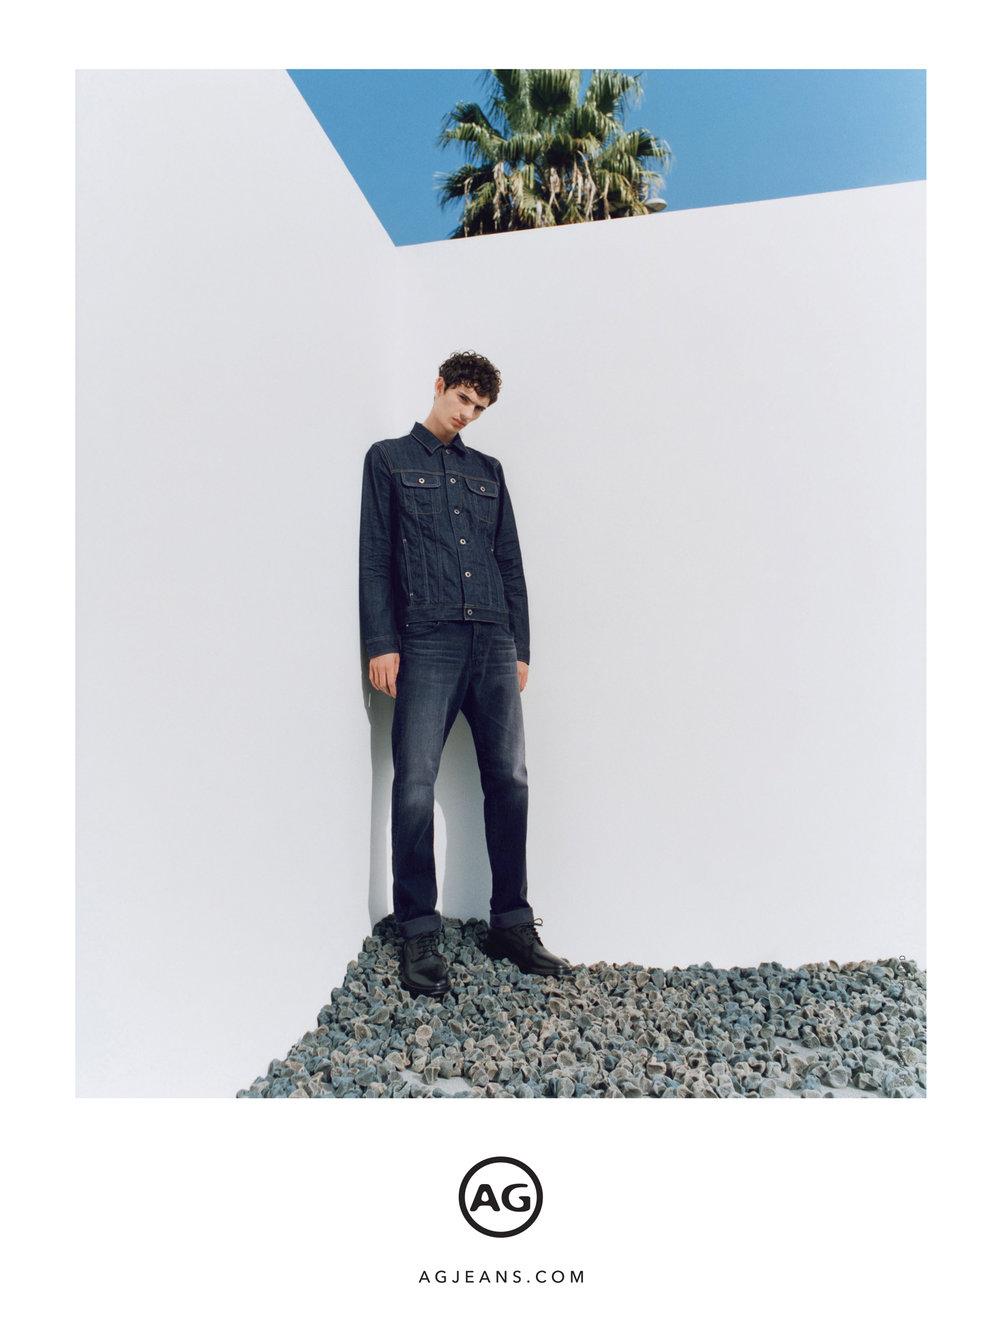 HART+LËSHKINA AG Jeans ad 4.jpg